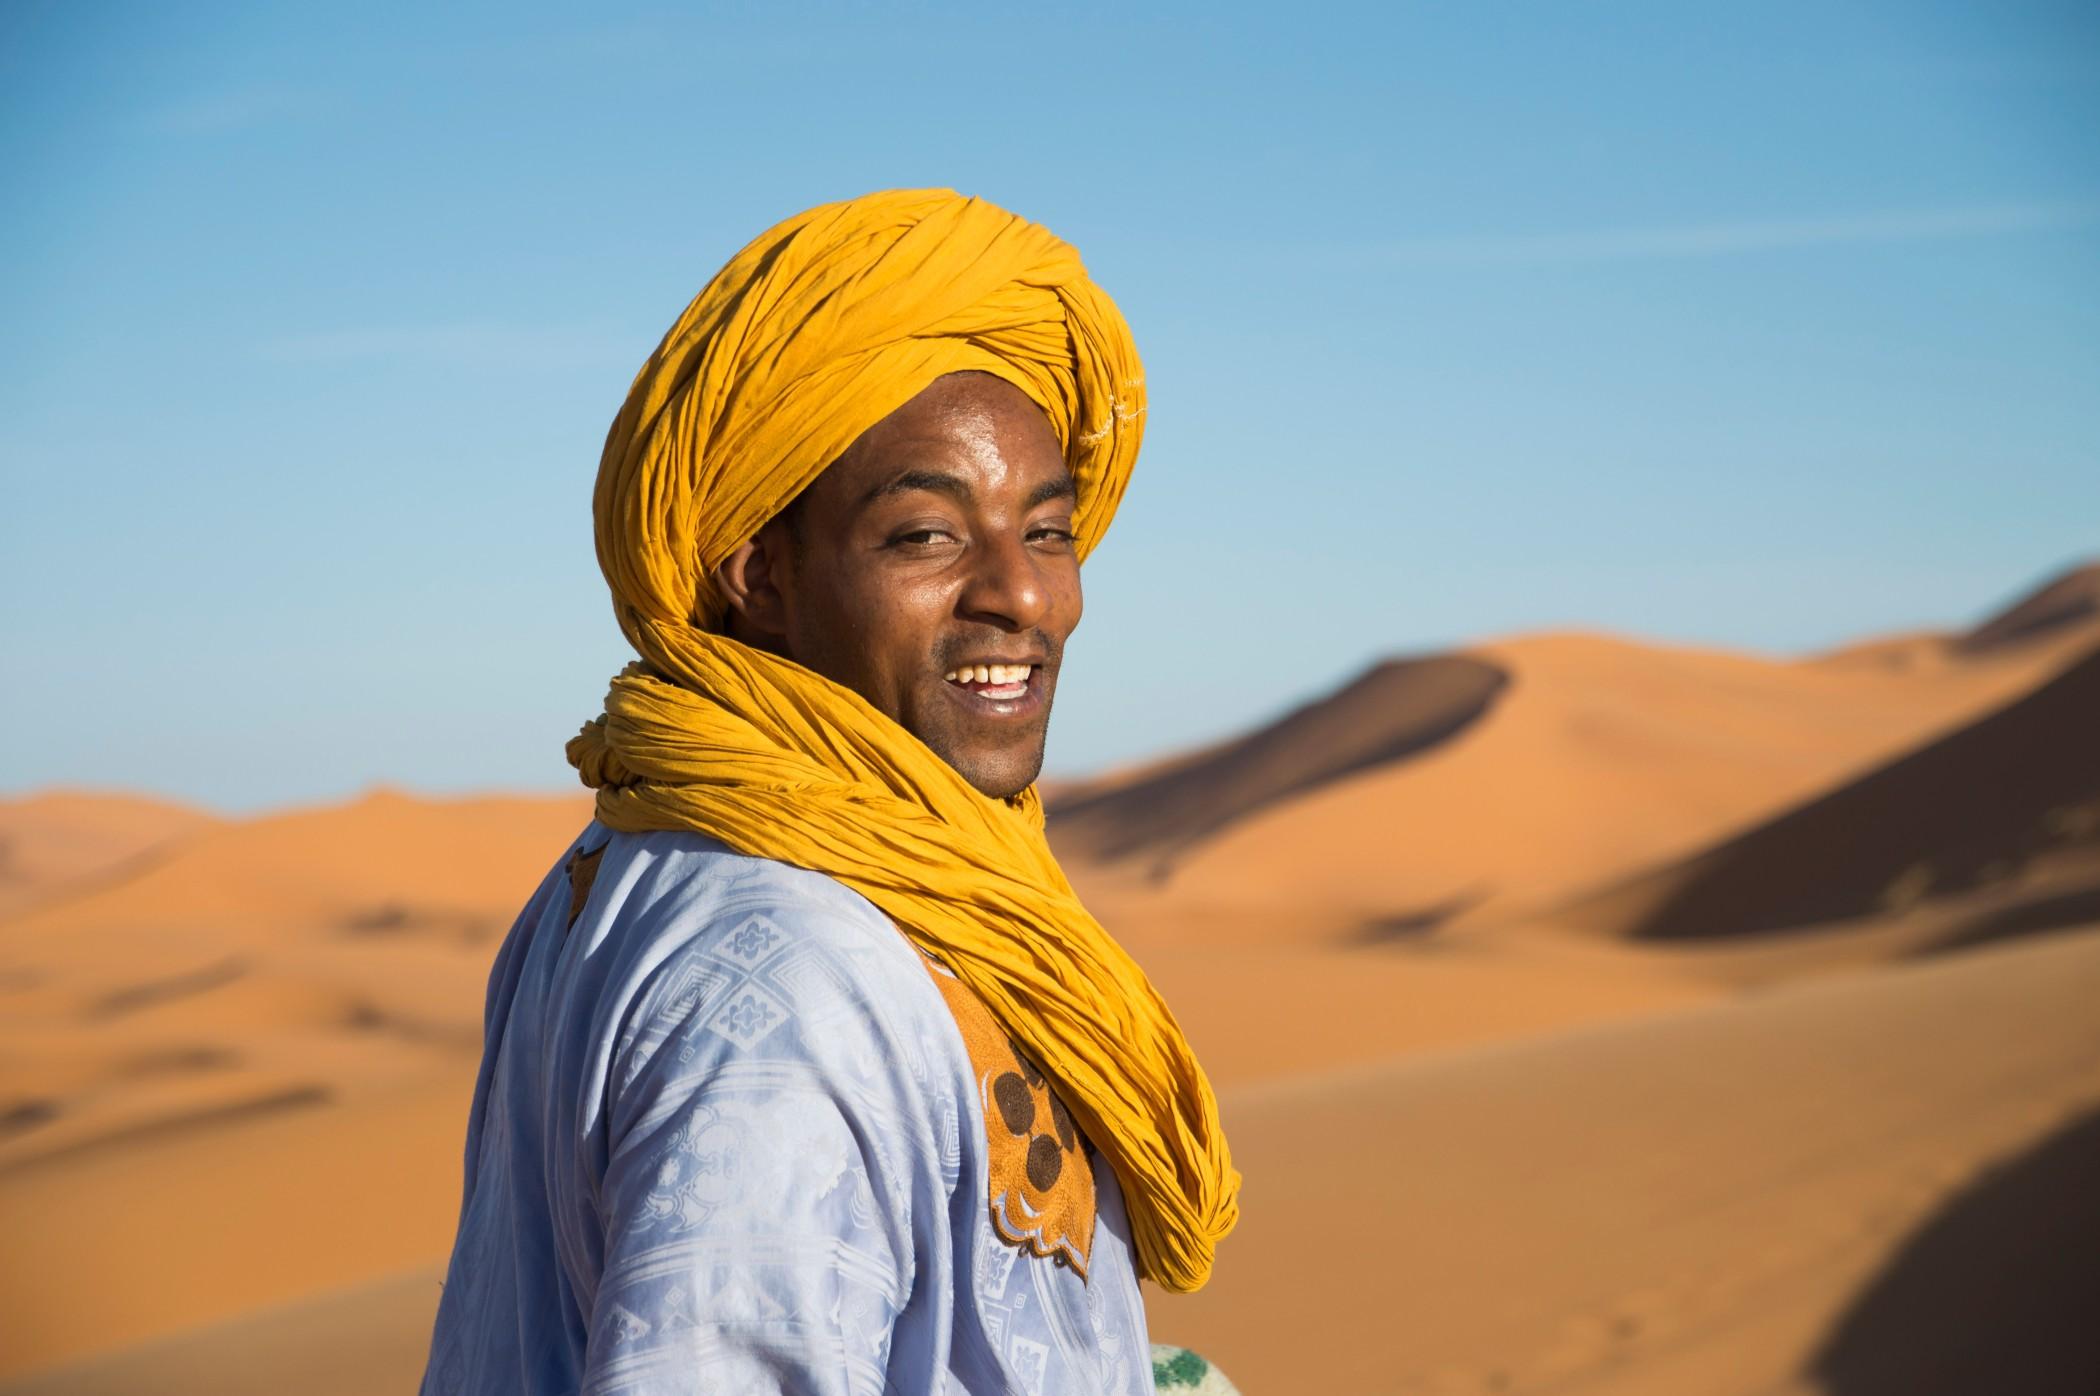 Paisajes, aventura, deportes náuticos … Todo en Marruecos